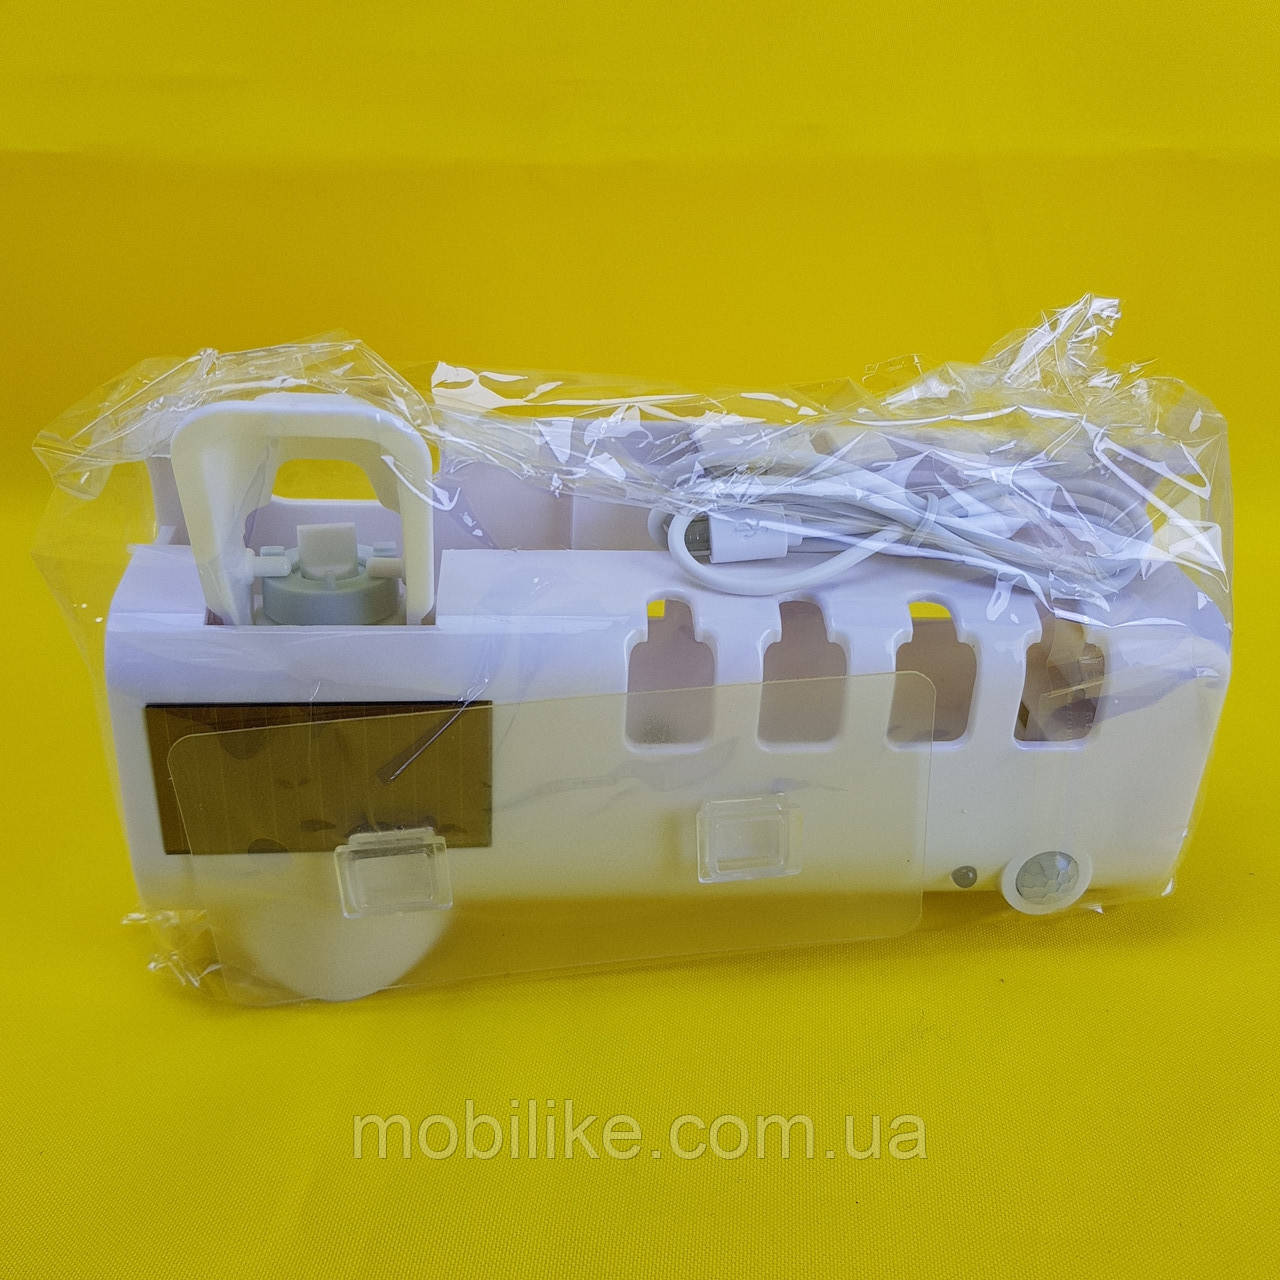 Диспенсер для зубной пасты и щеток автоматический Toothbrush sterilizer